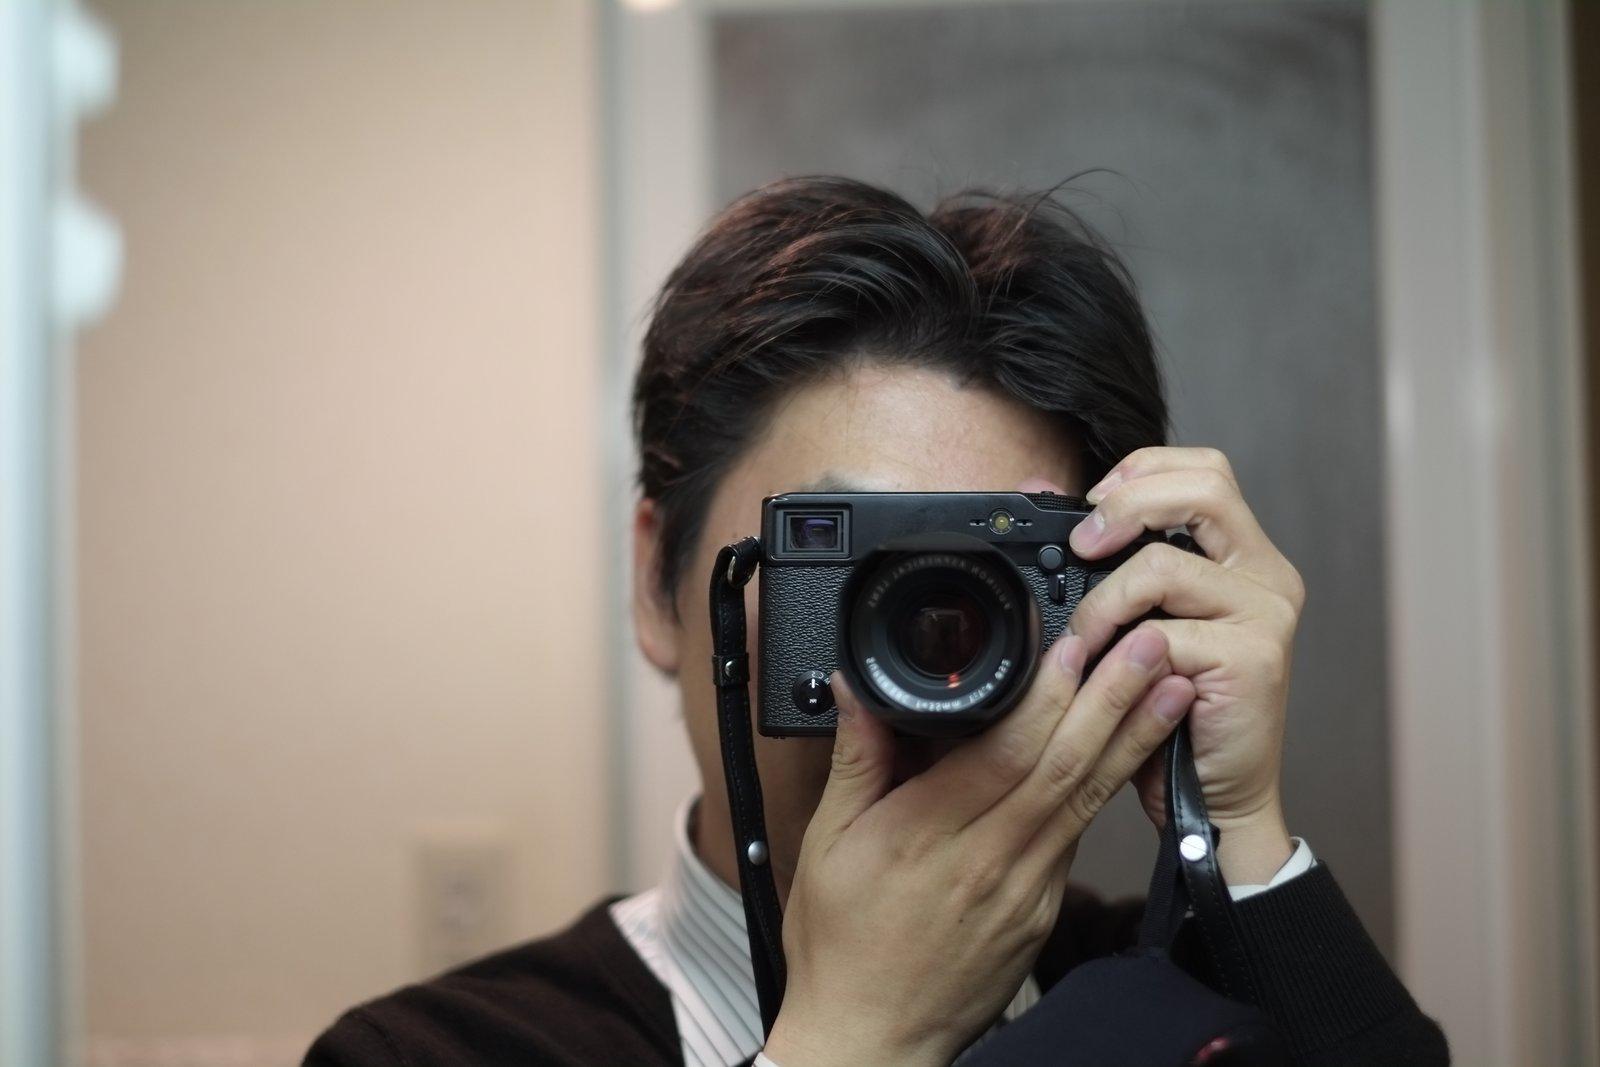 scene578:FUJI FILM X-pro1 + FUJINON XF35mm F1.4R がやって来た!_e0253132_01012580.jpg